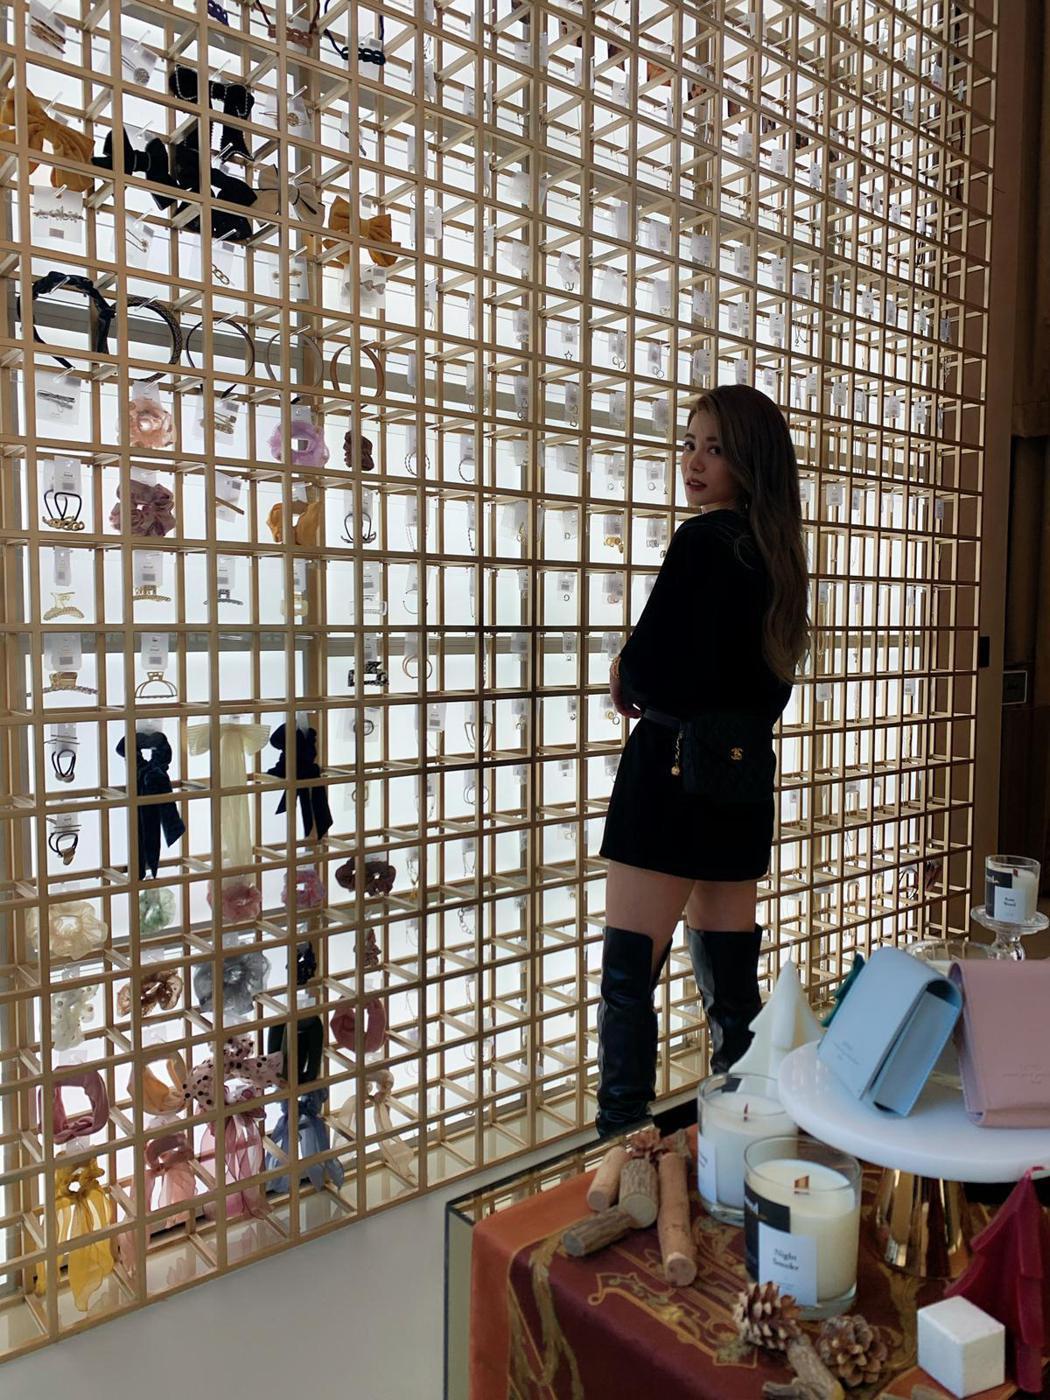 林珈安經營飾品品牌有成,砸500萬打造實體旗艦店,打造全台最高的6米飾品牆。圖/...